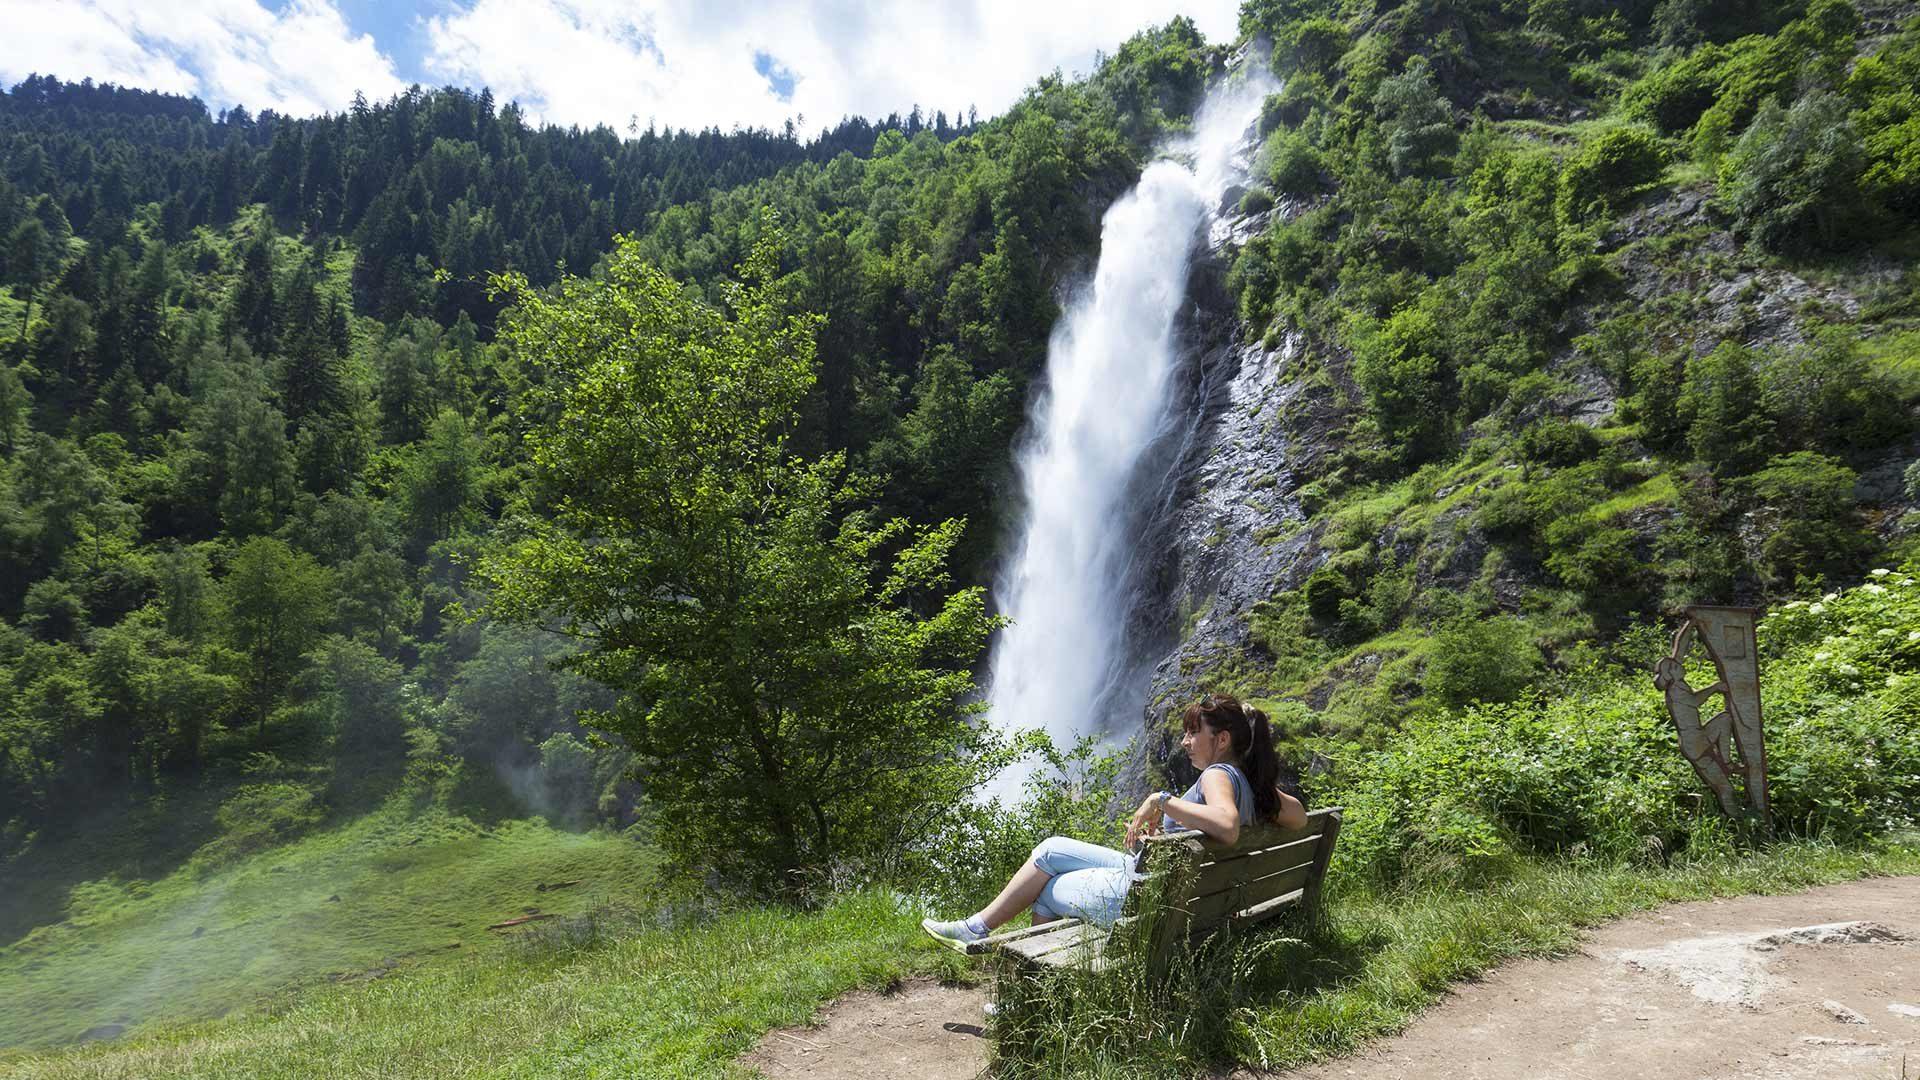 Partschinser Wasserfall in Südtirol